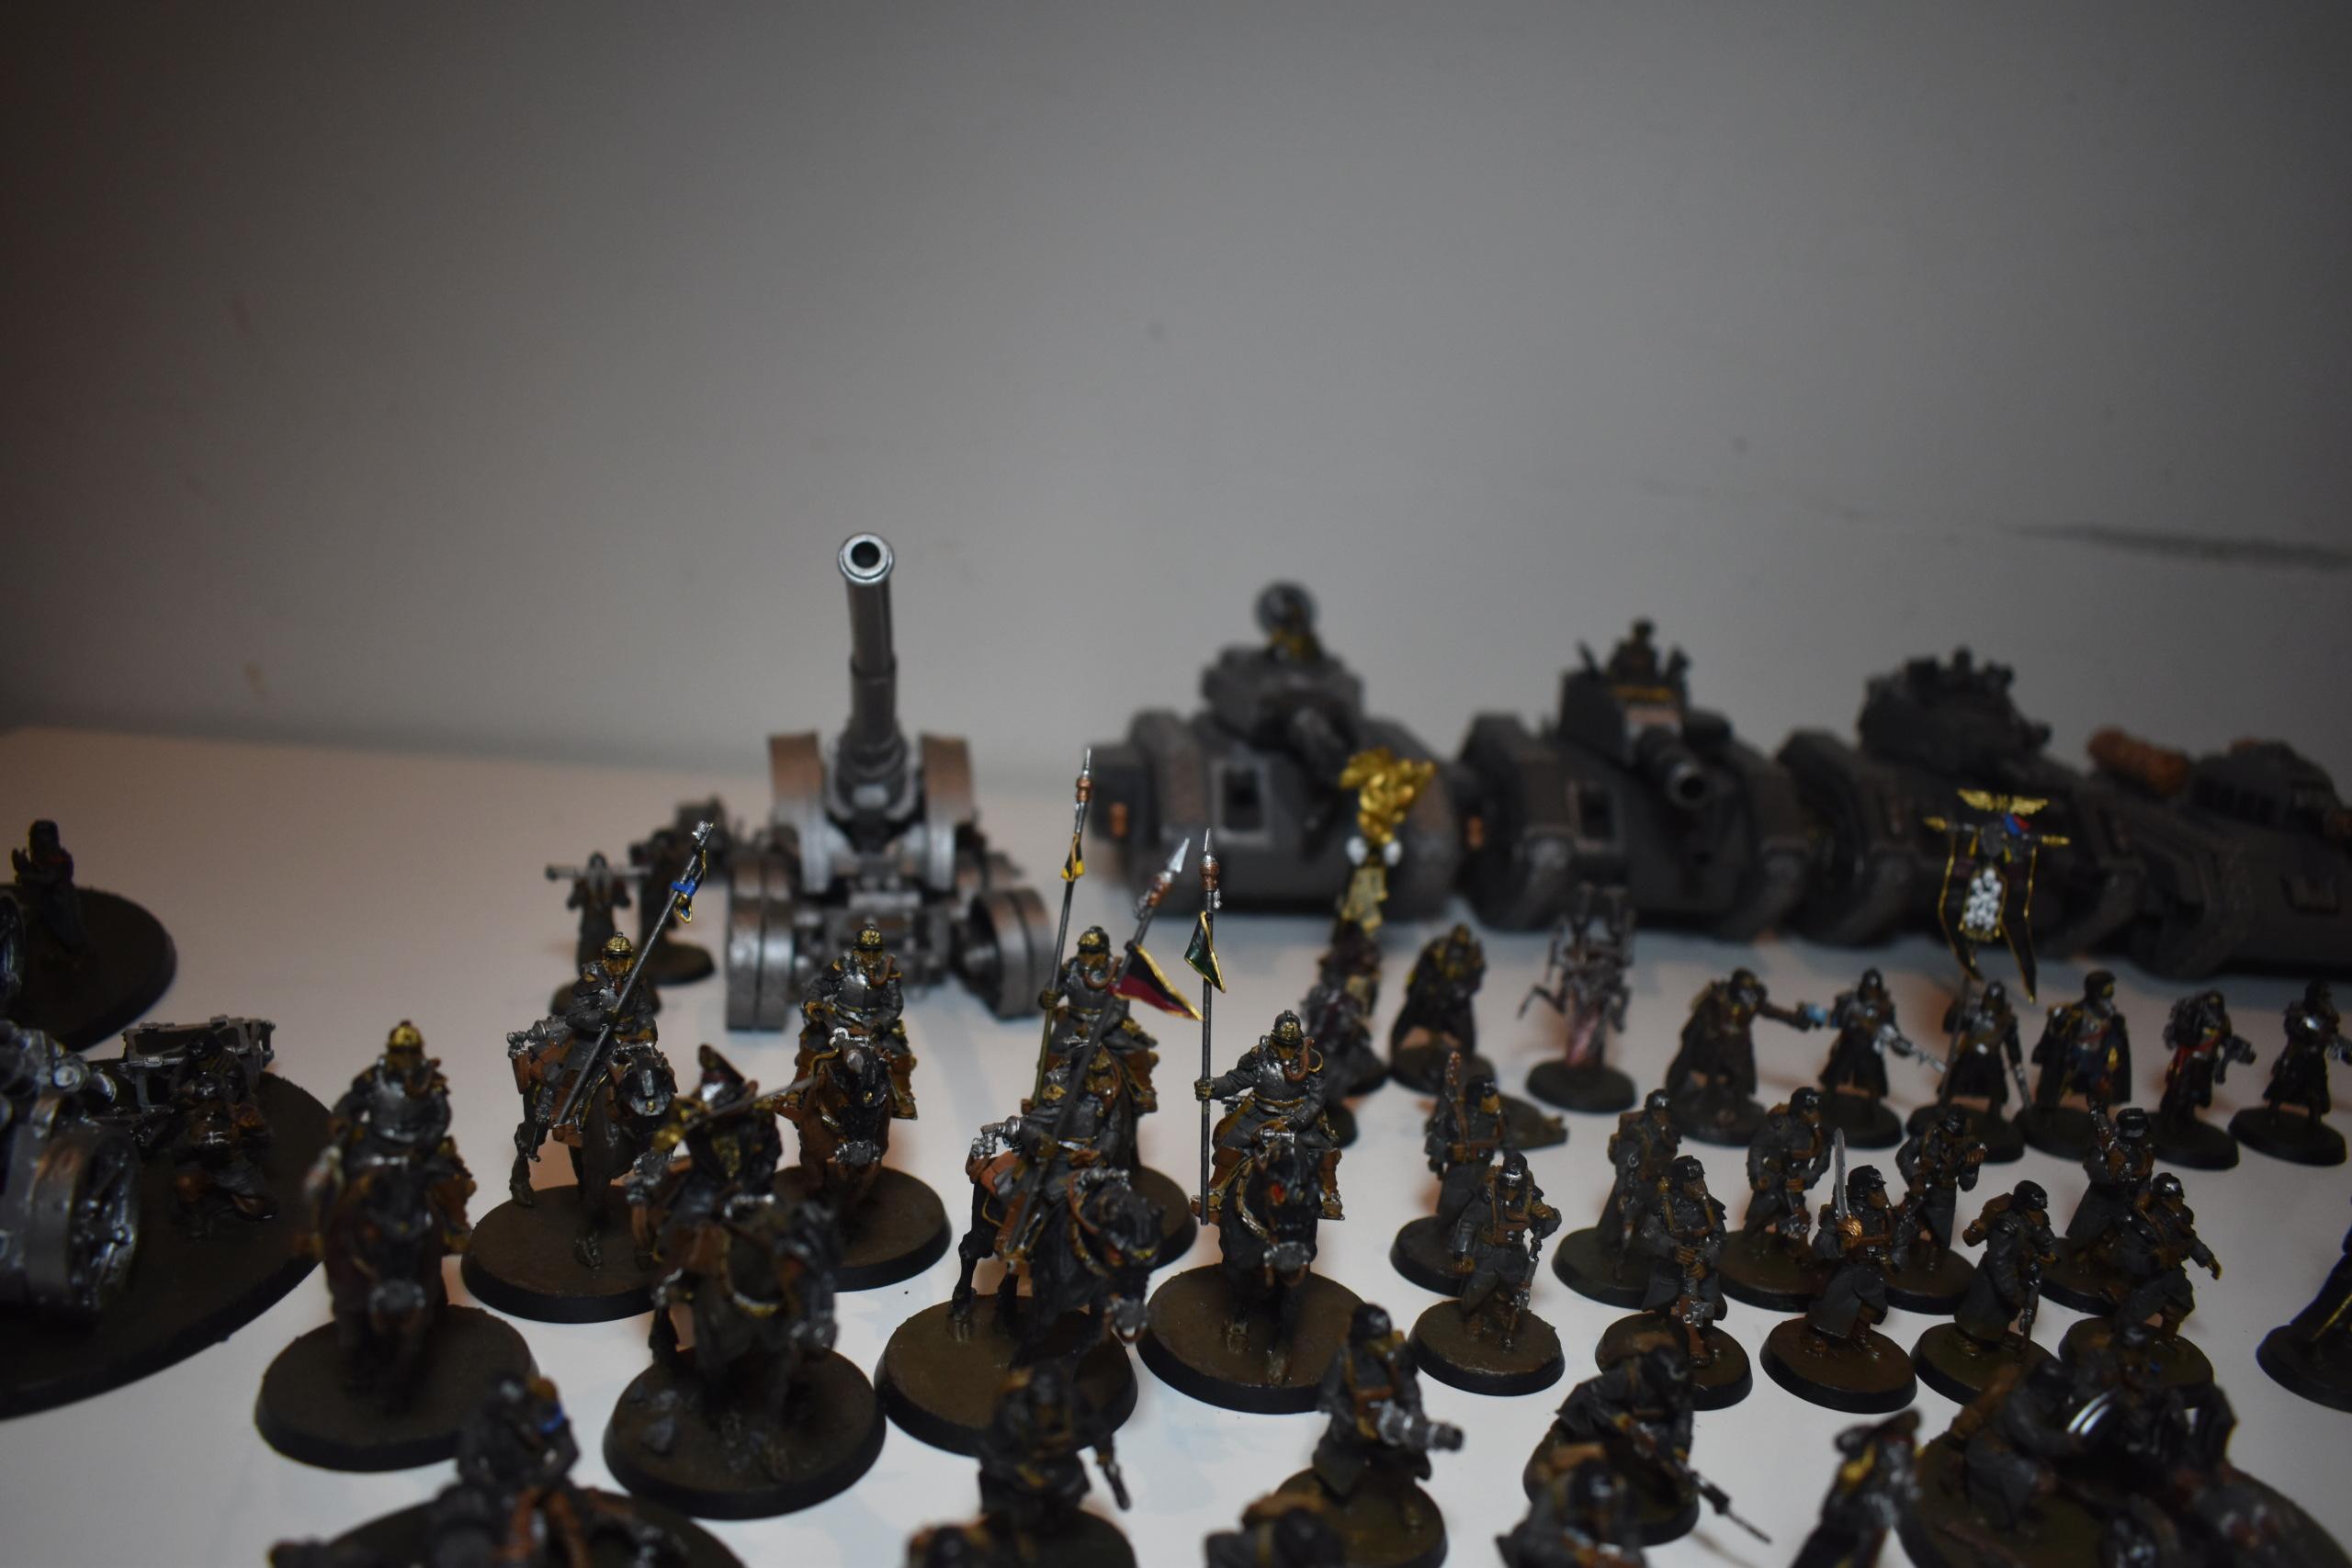 Les Armées de Nico. (Battle, 40K & HH) - Page 6 Dsc_0235